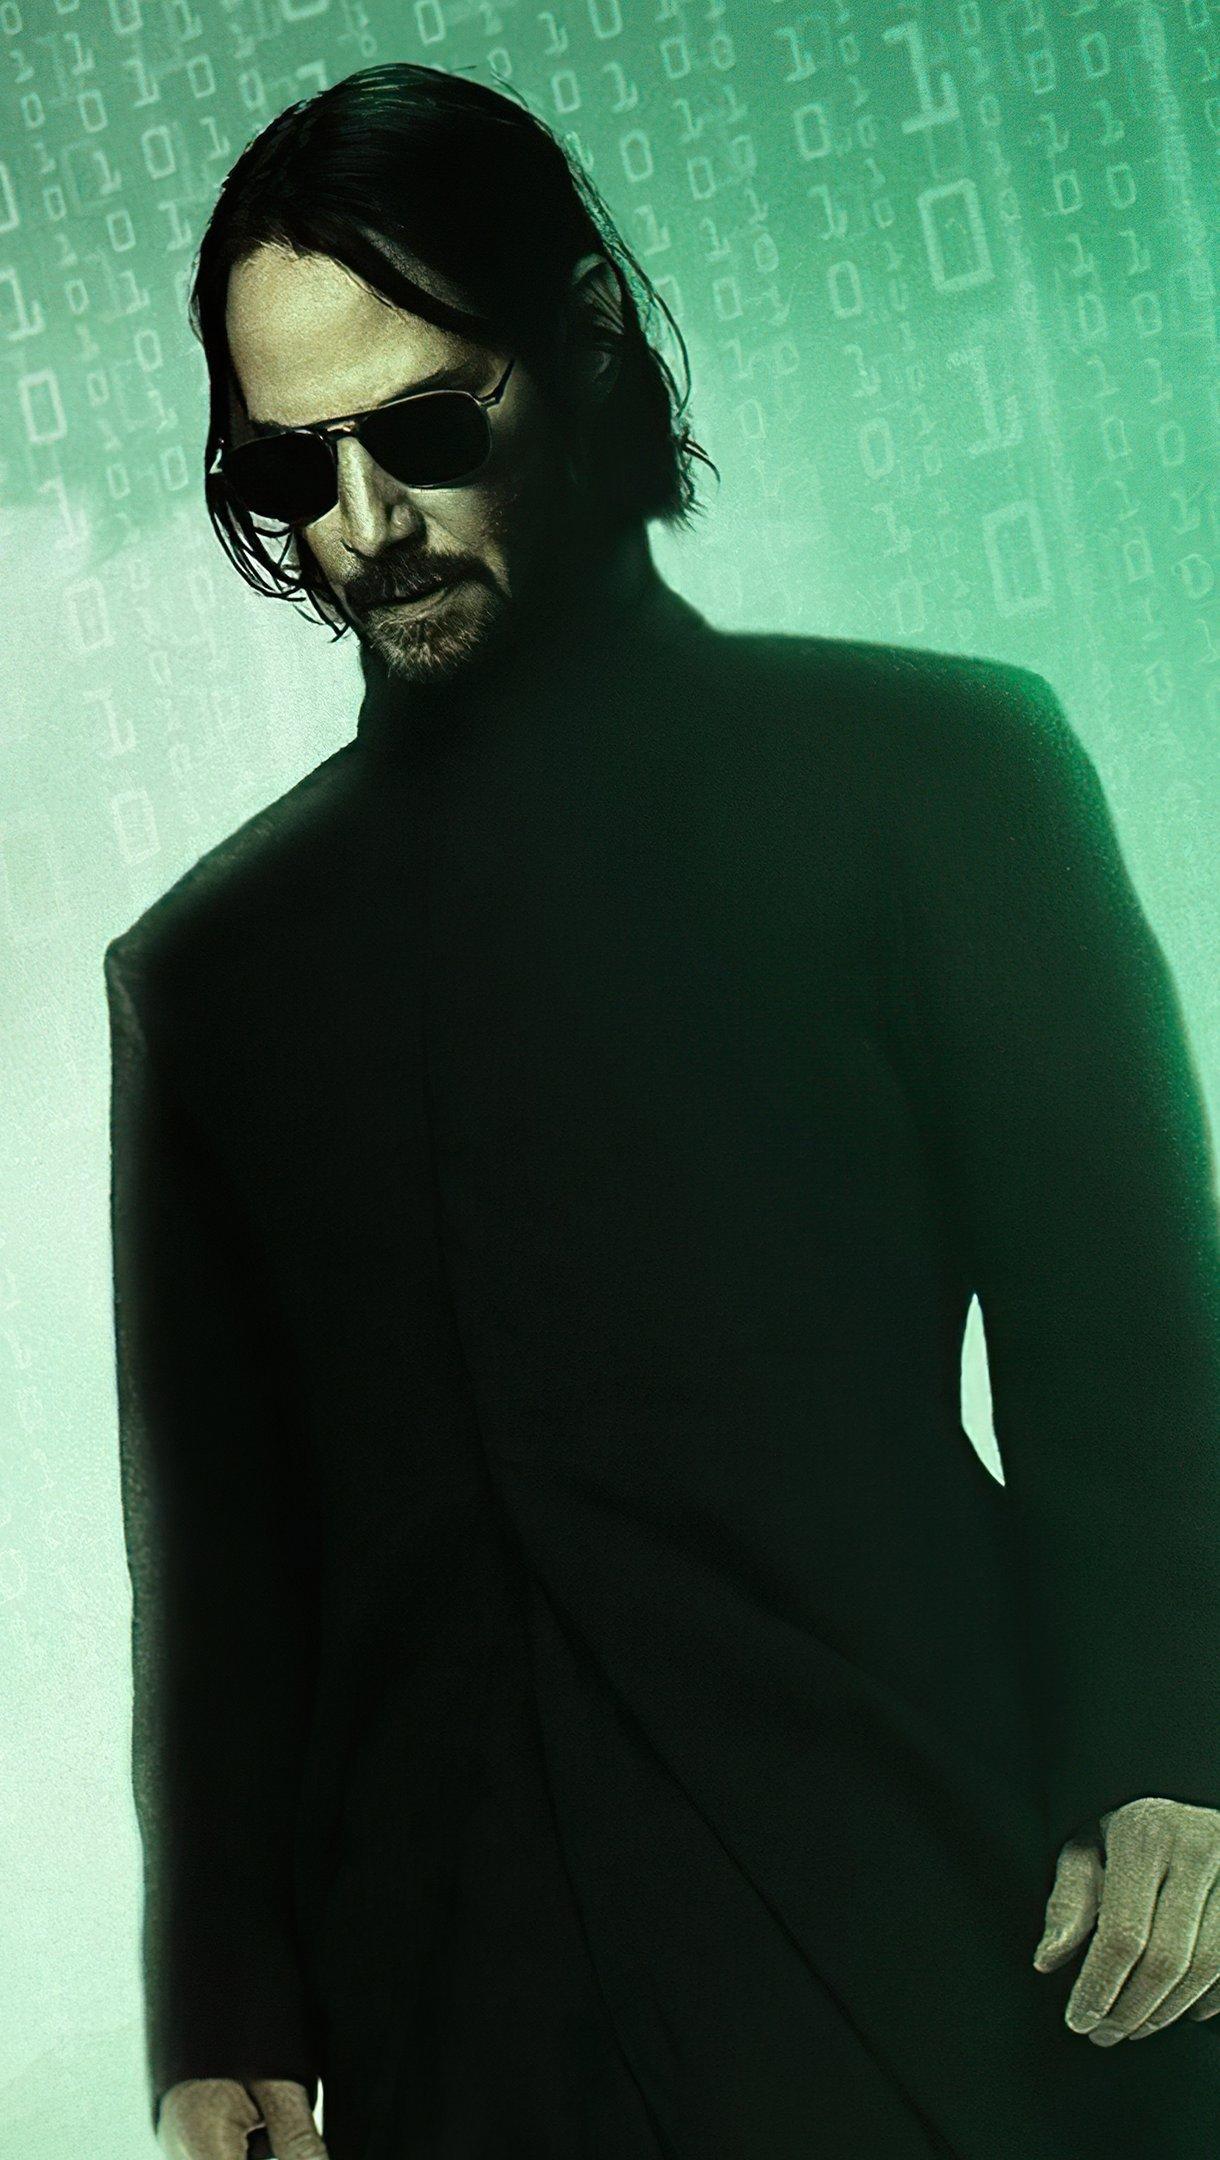 Fondos de pantalla The Matrix Resurrections Vertical